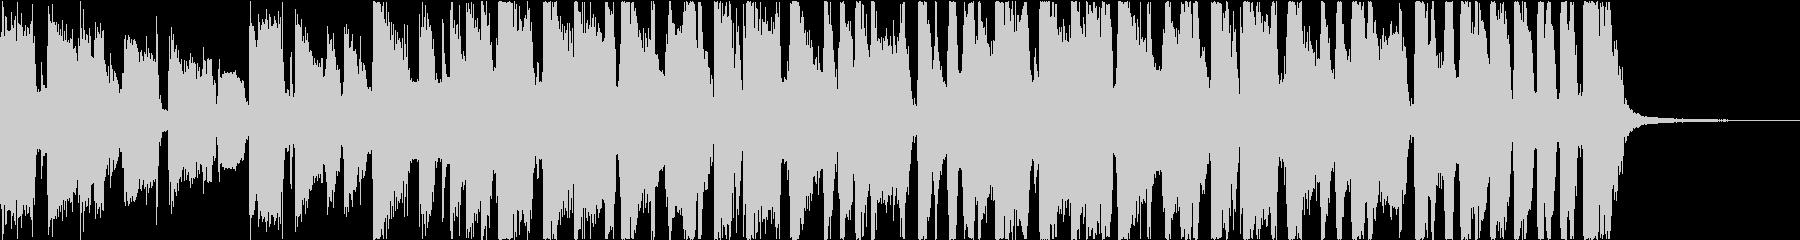 派手なブラスのファンクロックジングルの未再生の波形